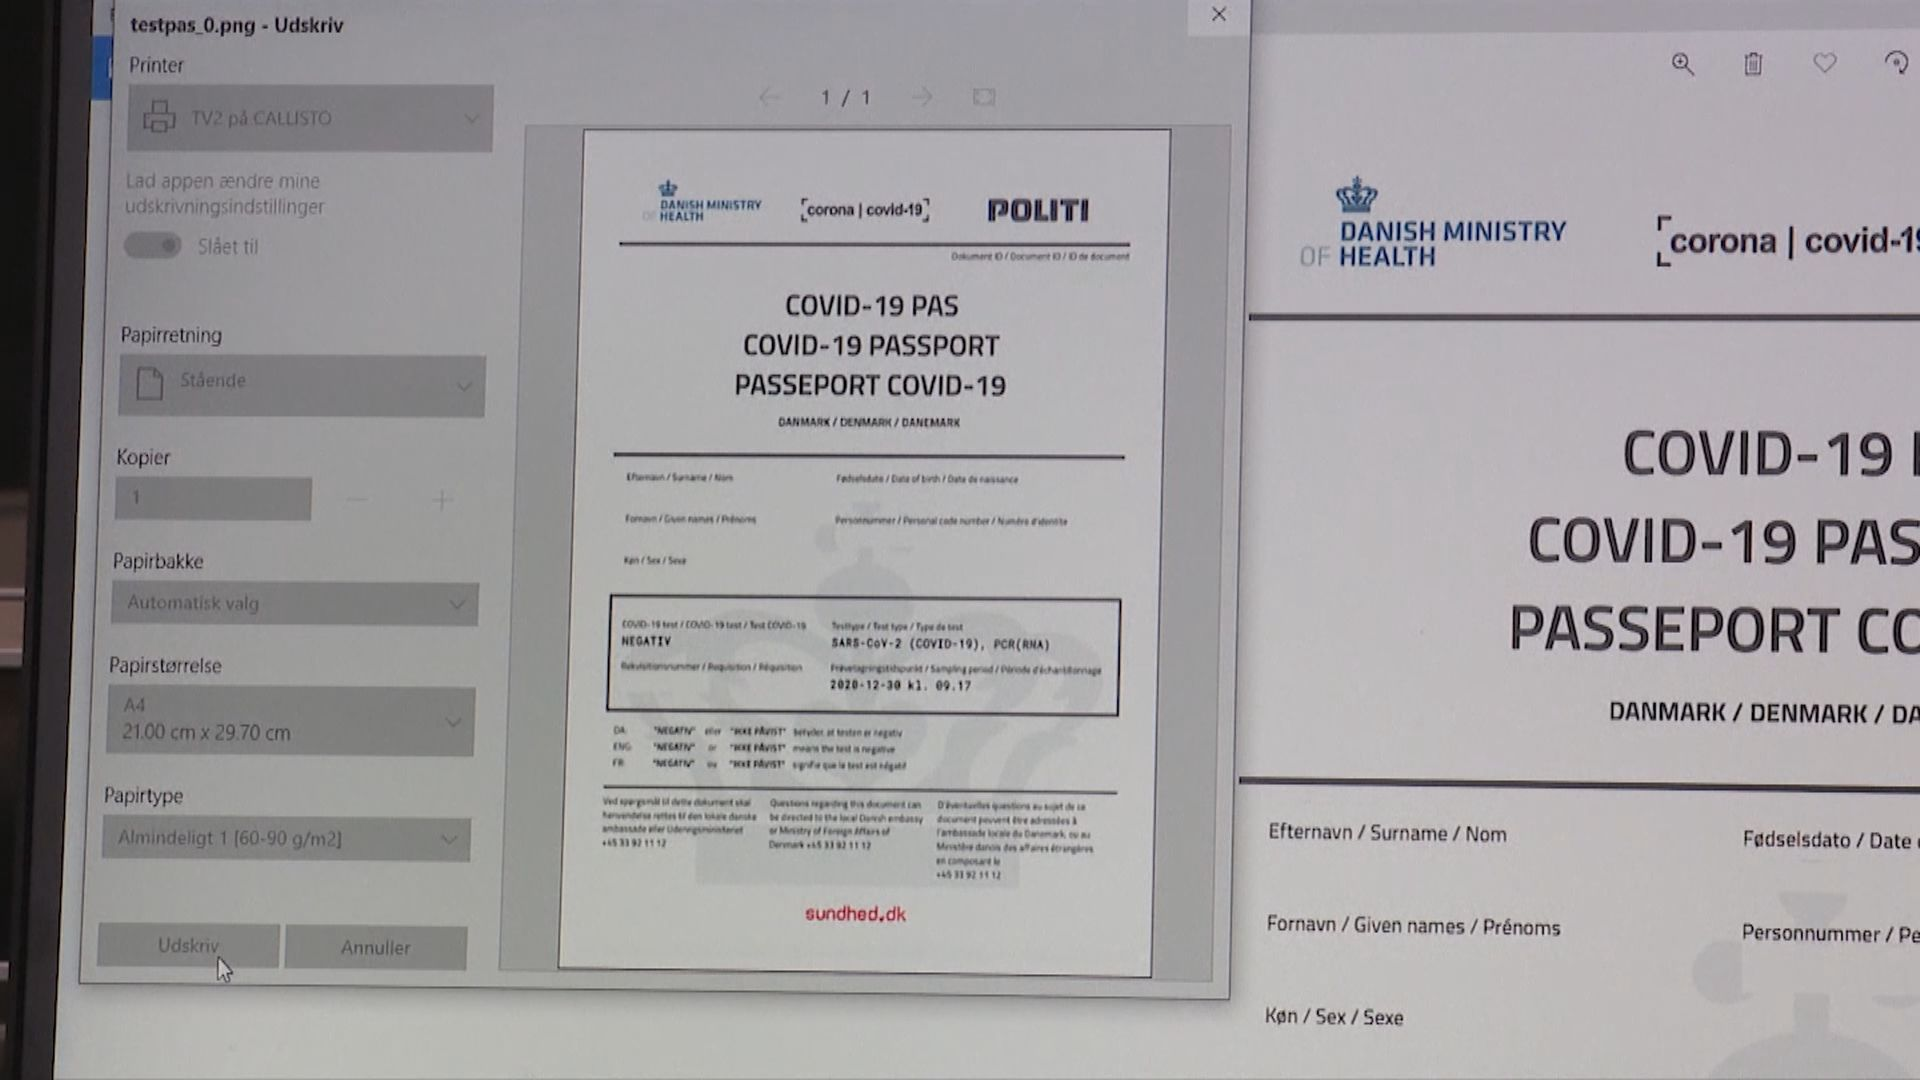 丹麥瑞典擬數月內發「疫苗護照」 專家憂帶來歧視